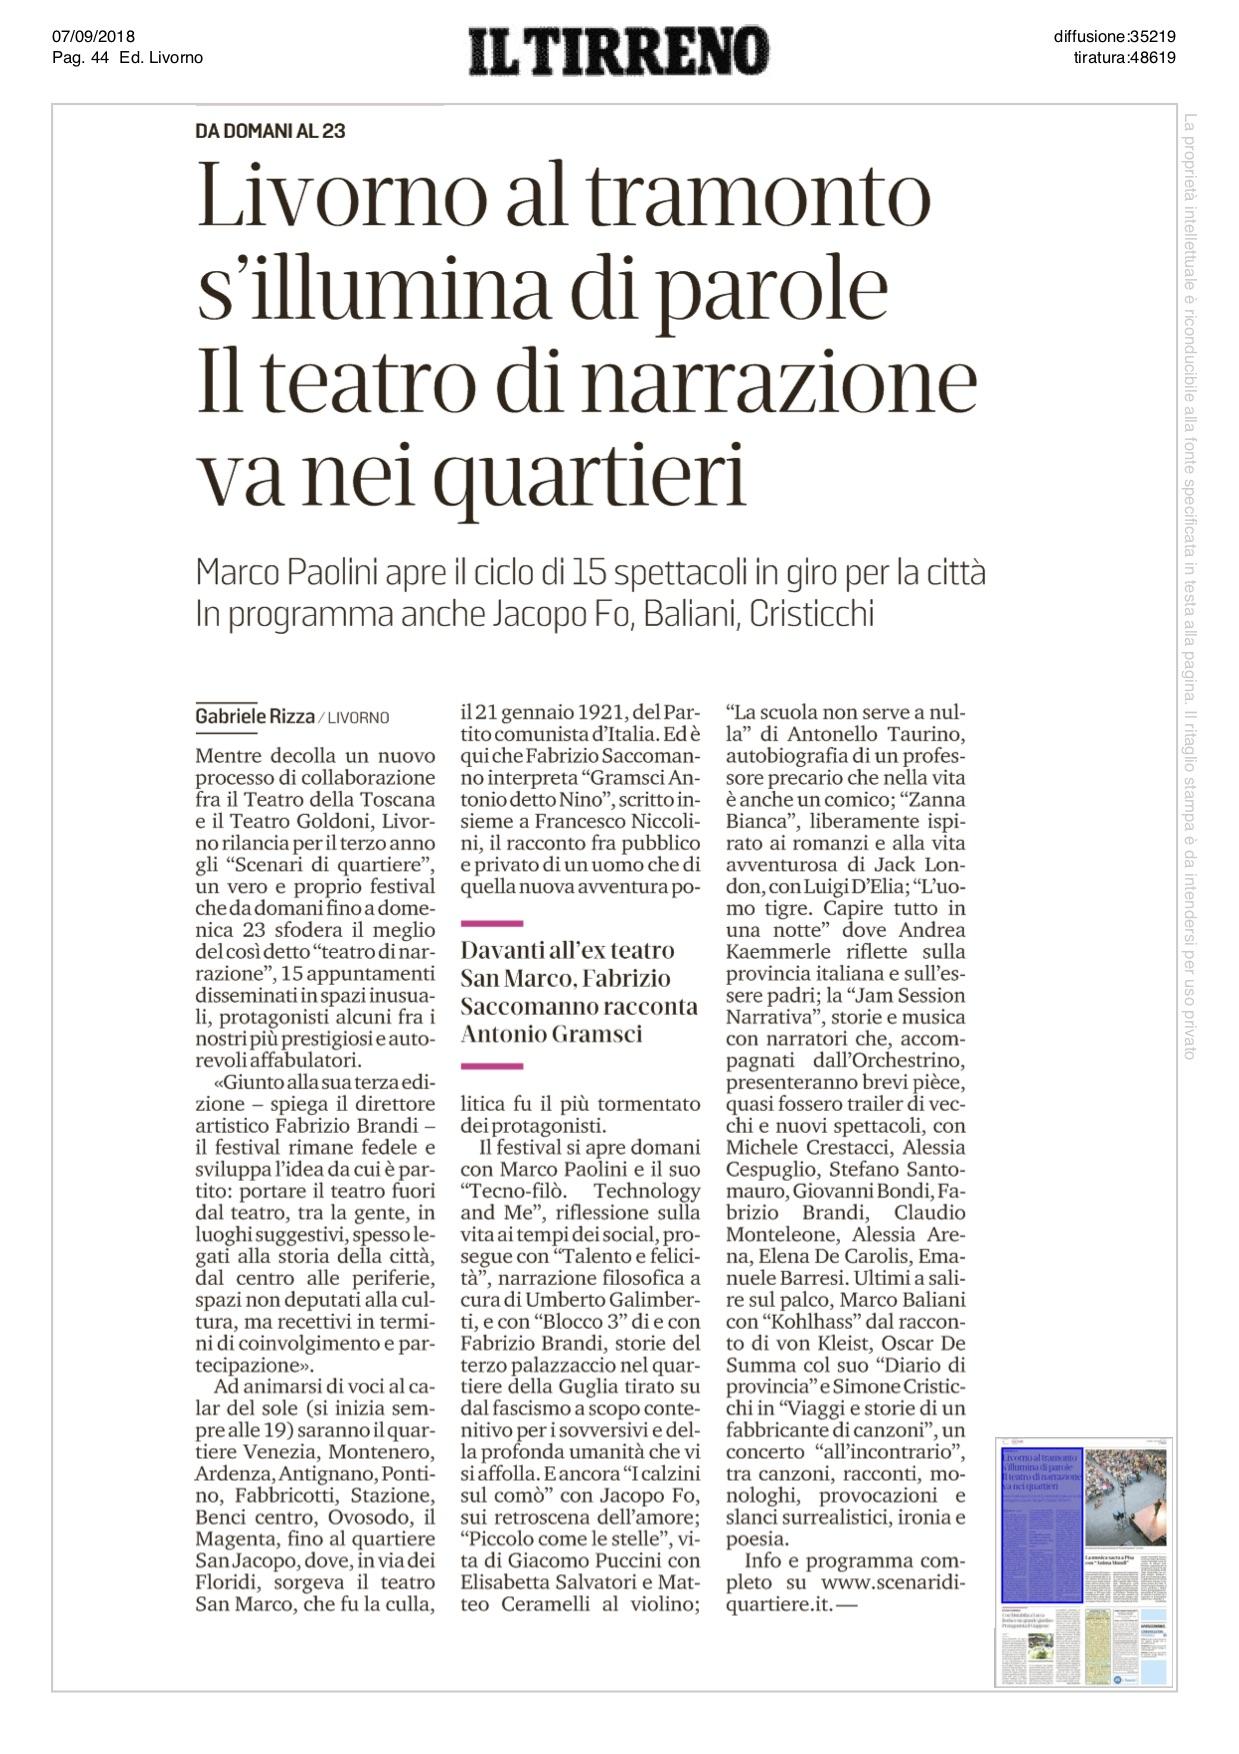 20180907_Il Tirreno Livorno 1